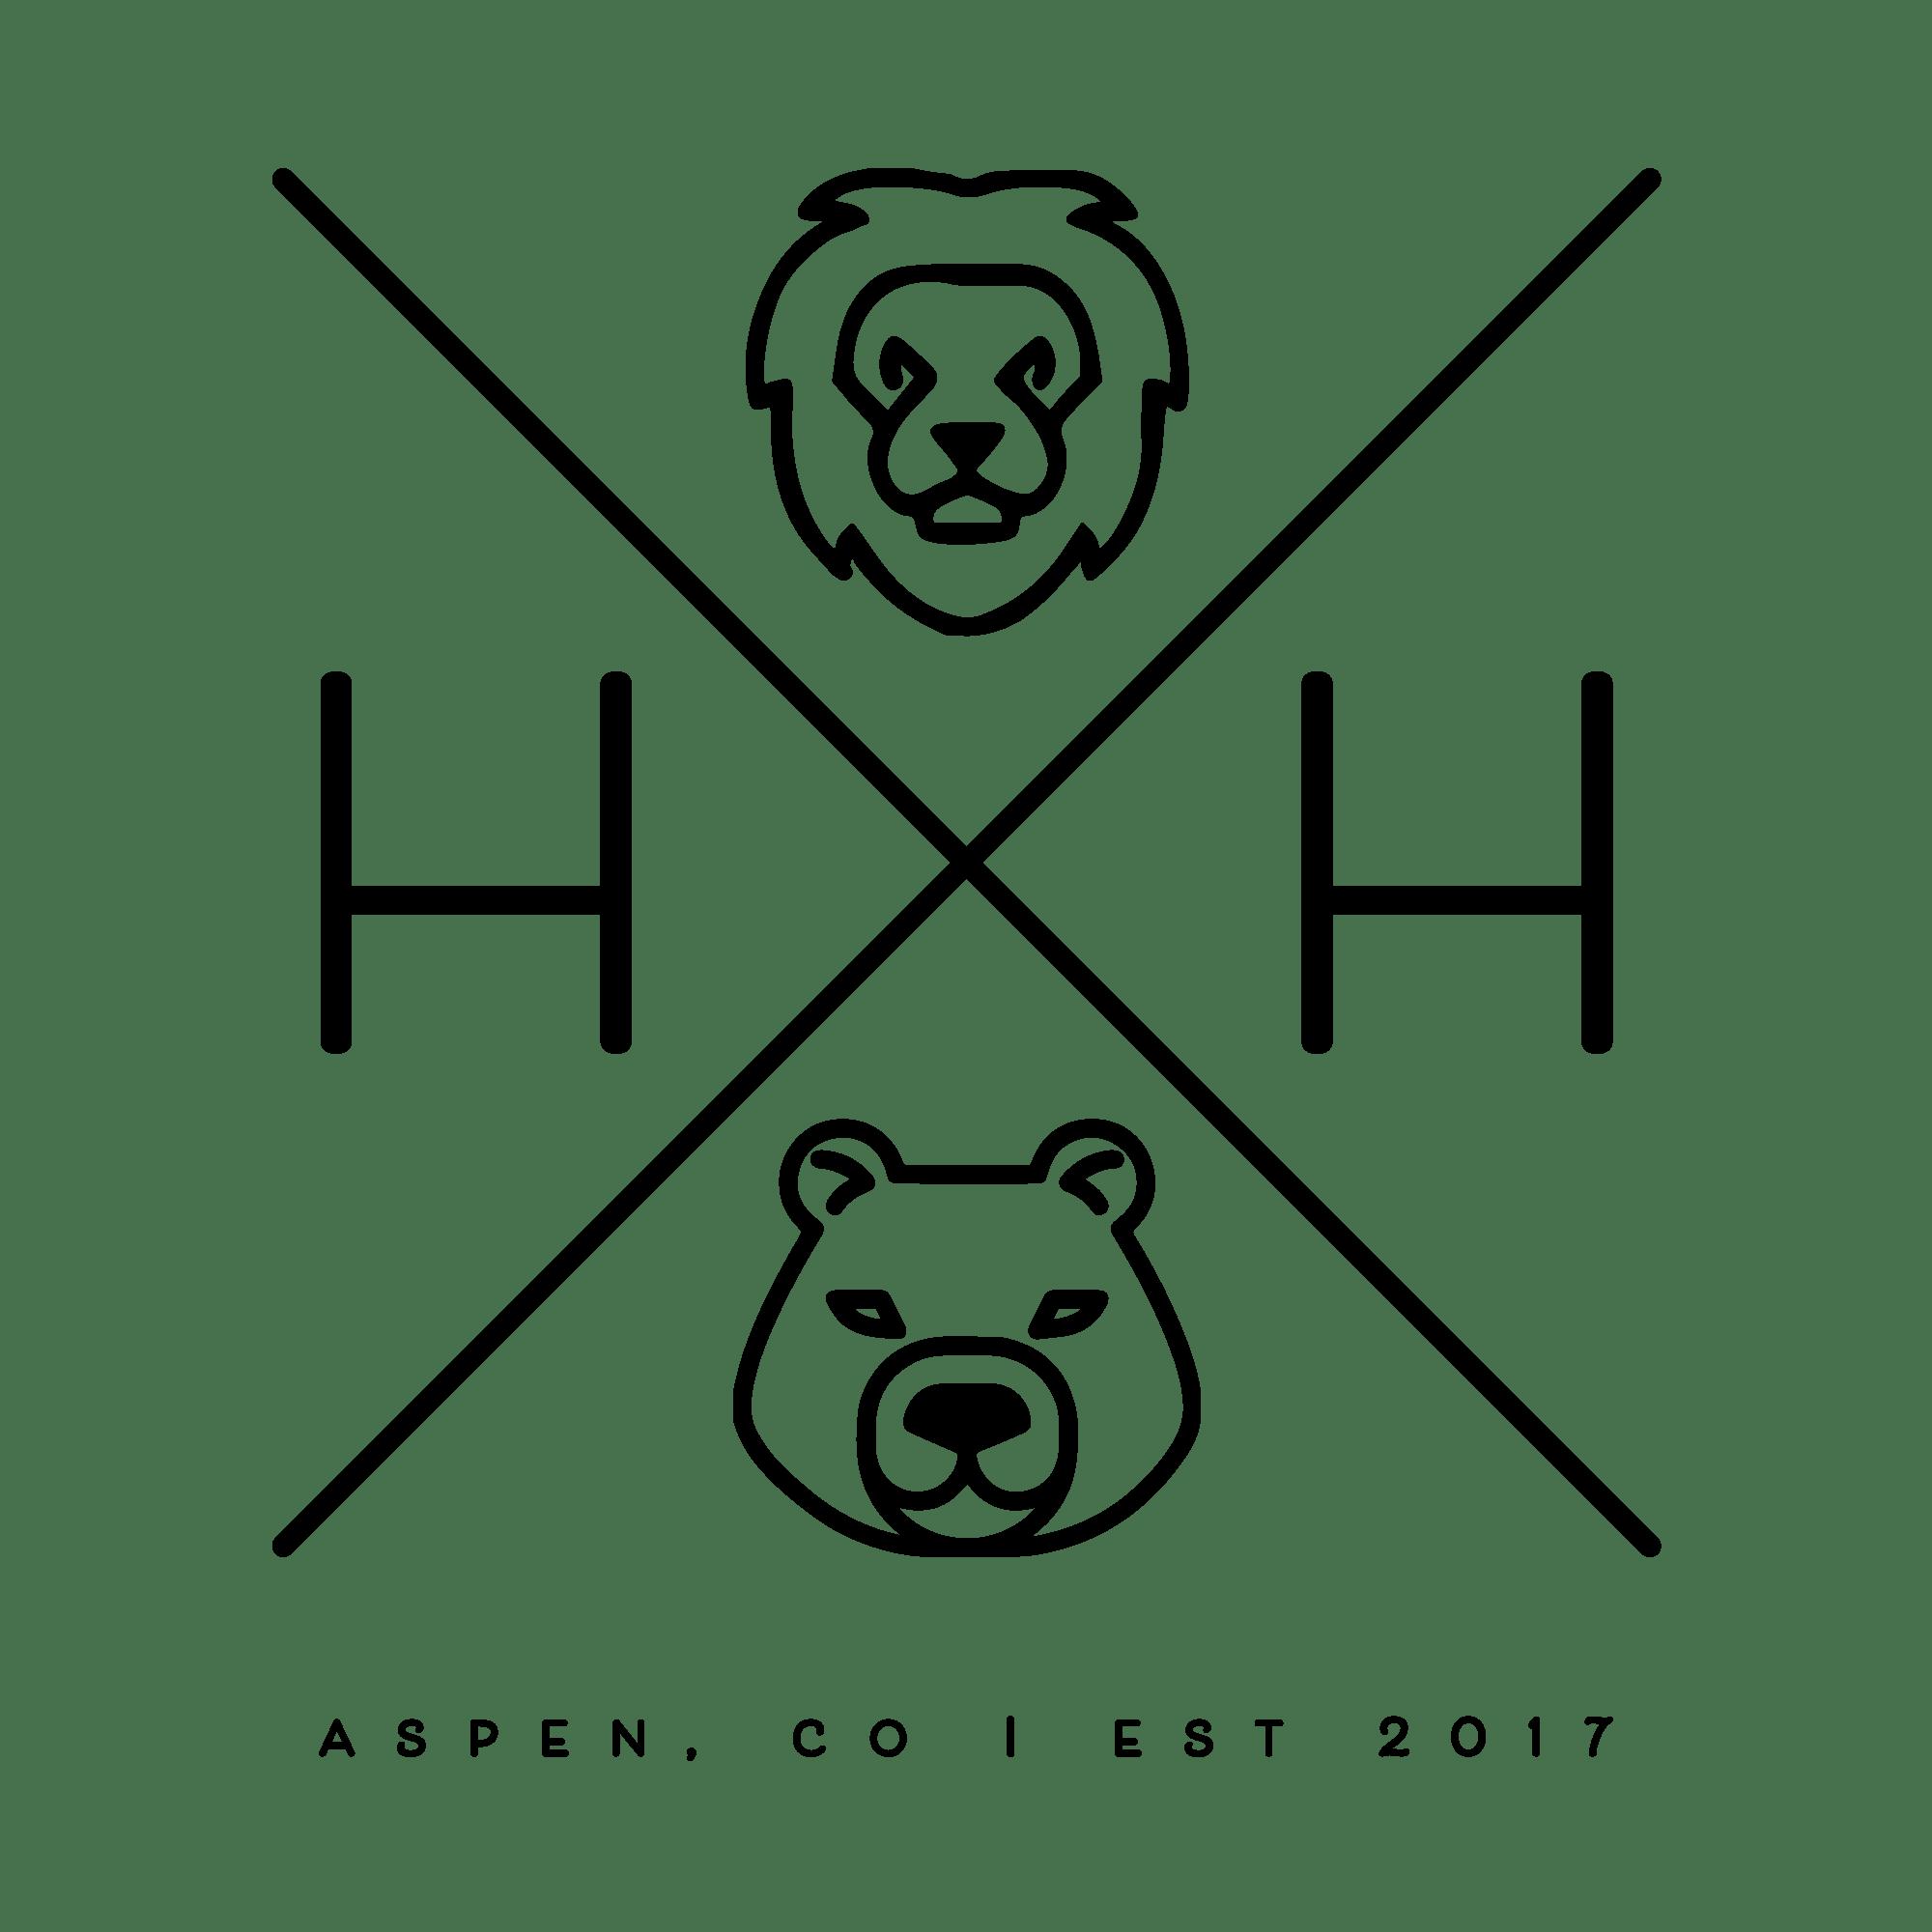 Harper and Huydson in Aspen, Colorado